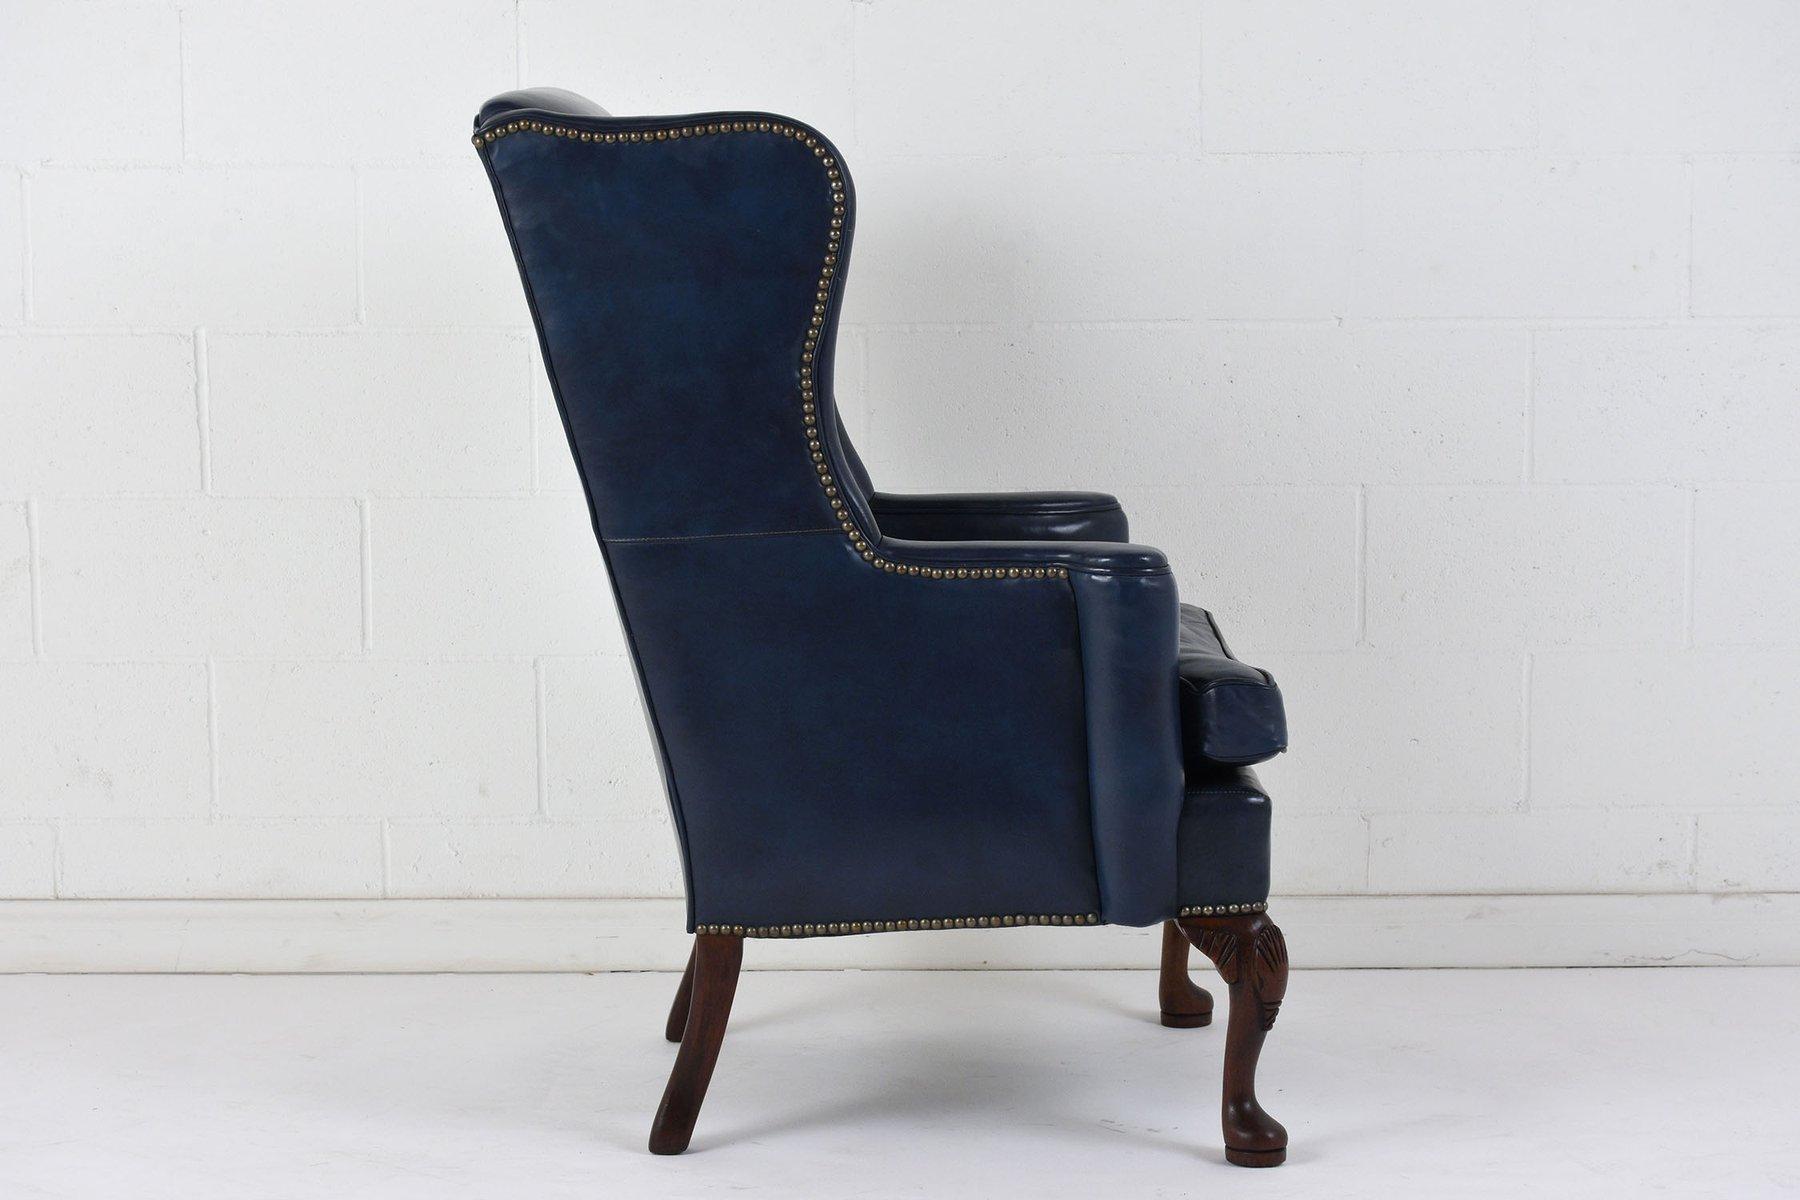 fauteuil oreille en cuir 1970s en vente sur pamono. Black Bedroom Furniture Sets. Home Design Ideas